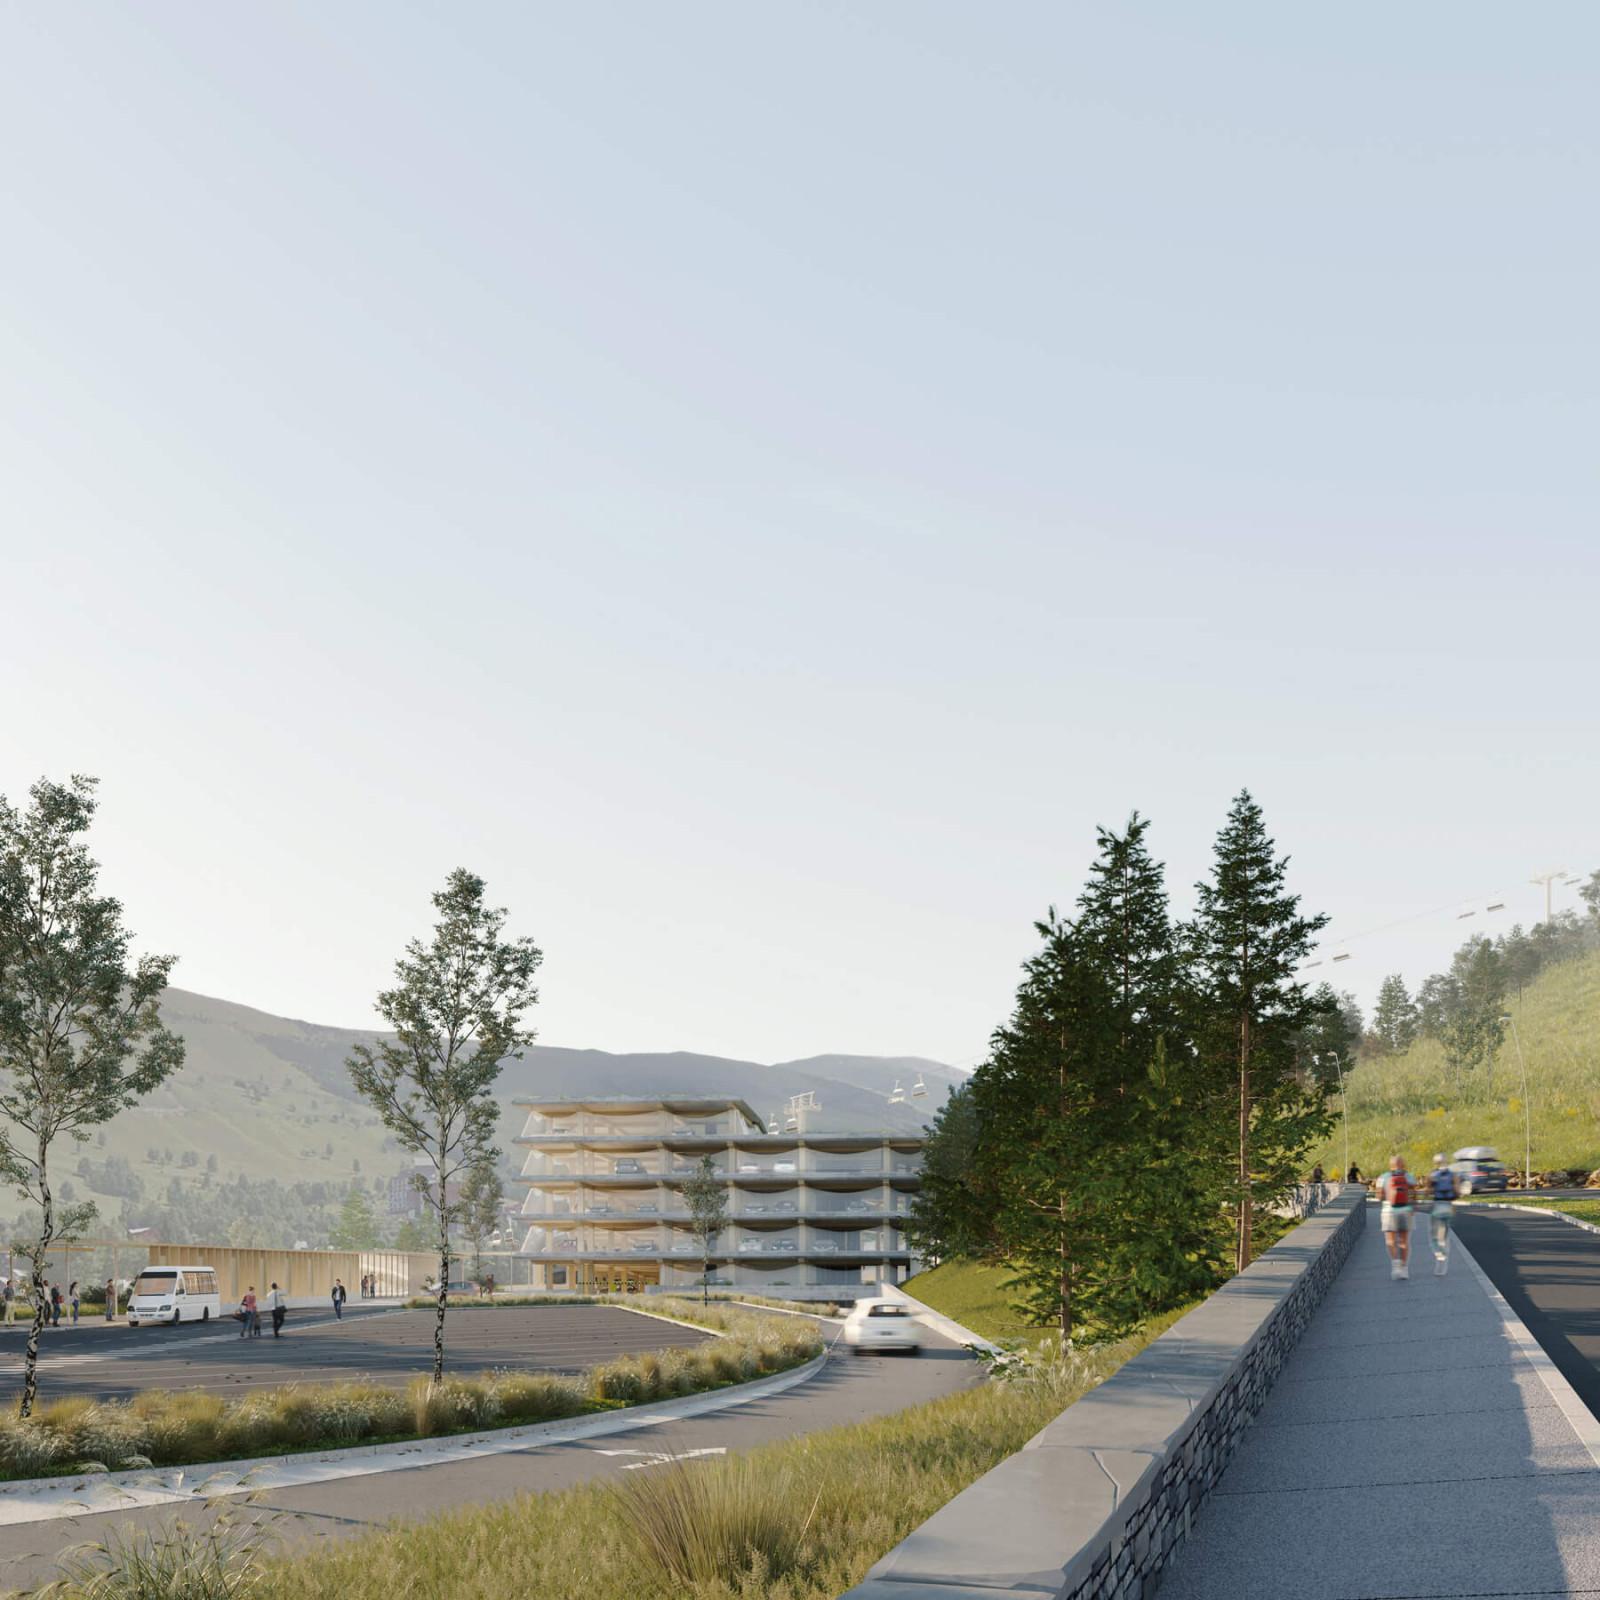 graam-les-deux-alpes-02-parking-amenagement-urbain-exterieur-paysage-montagne